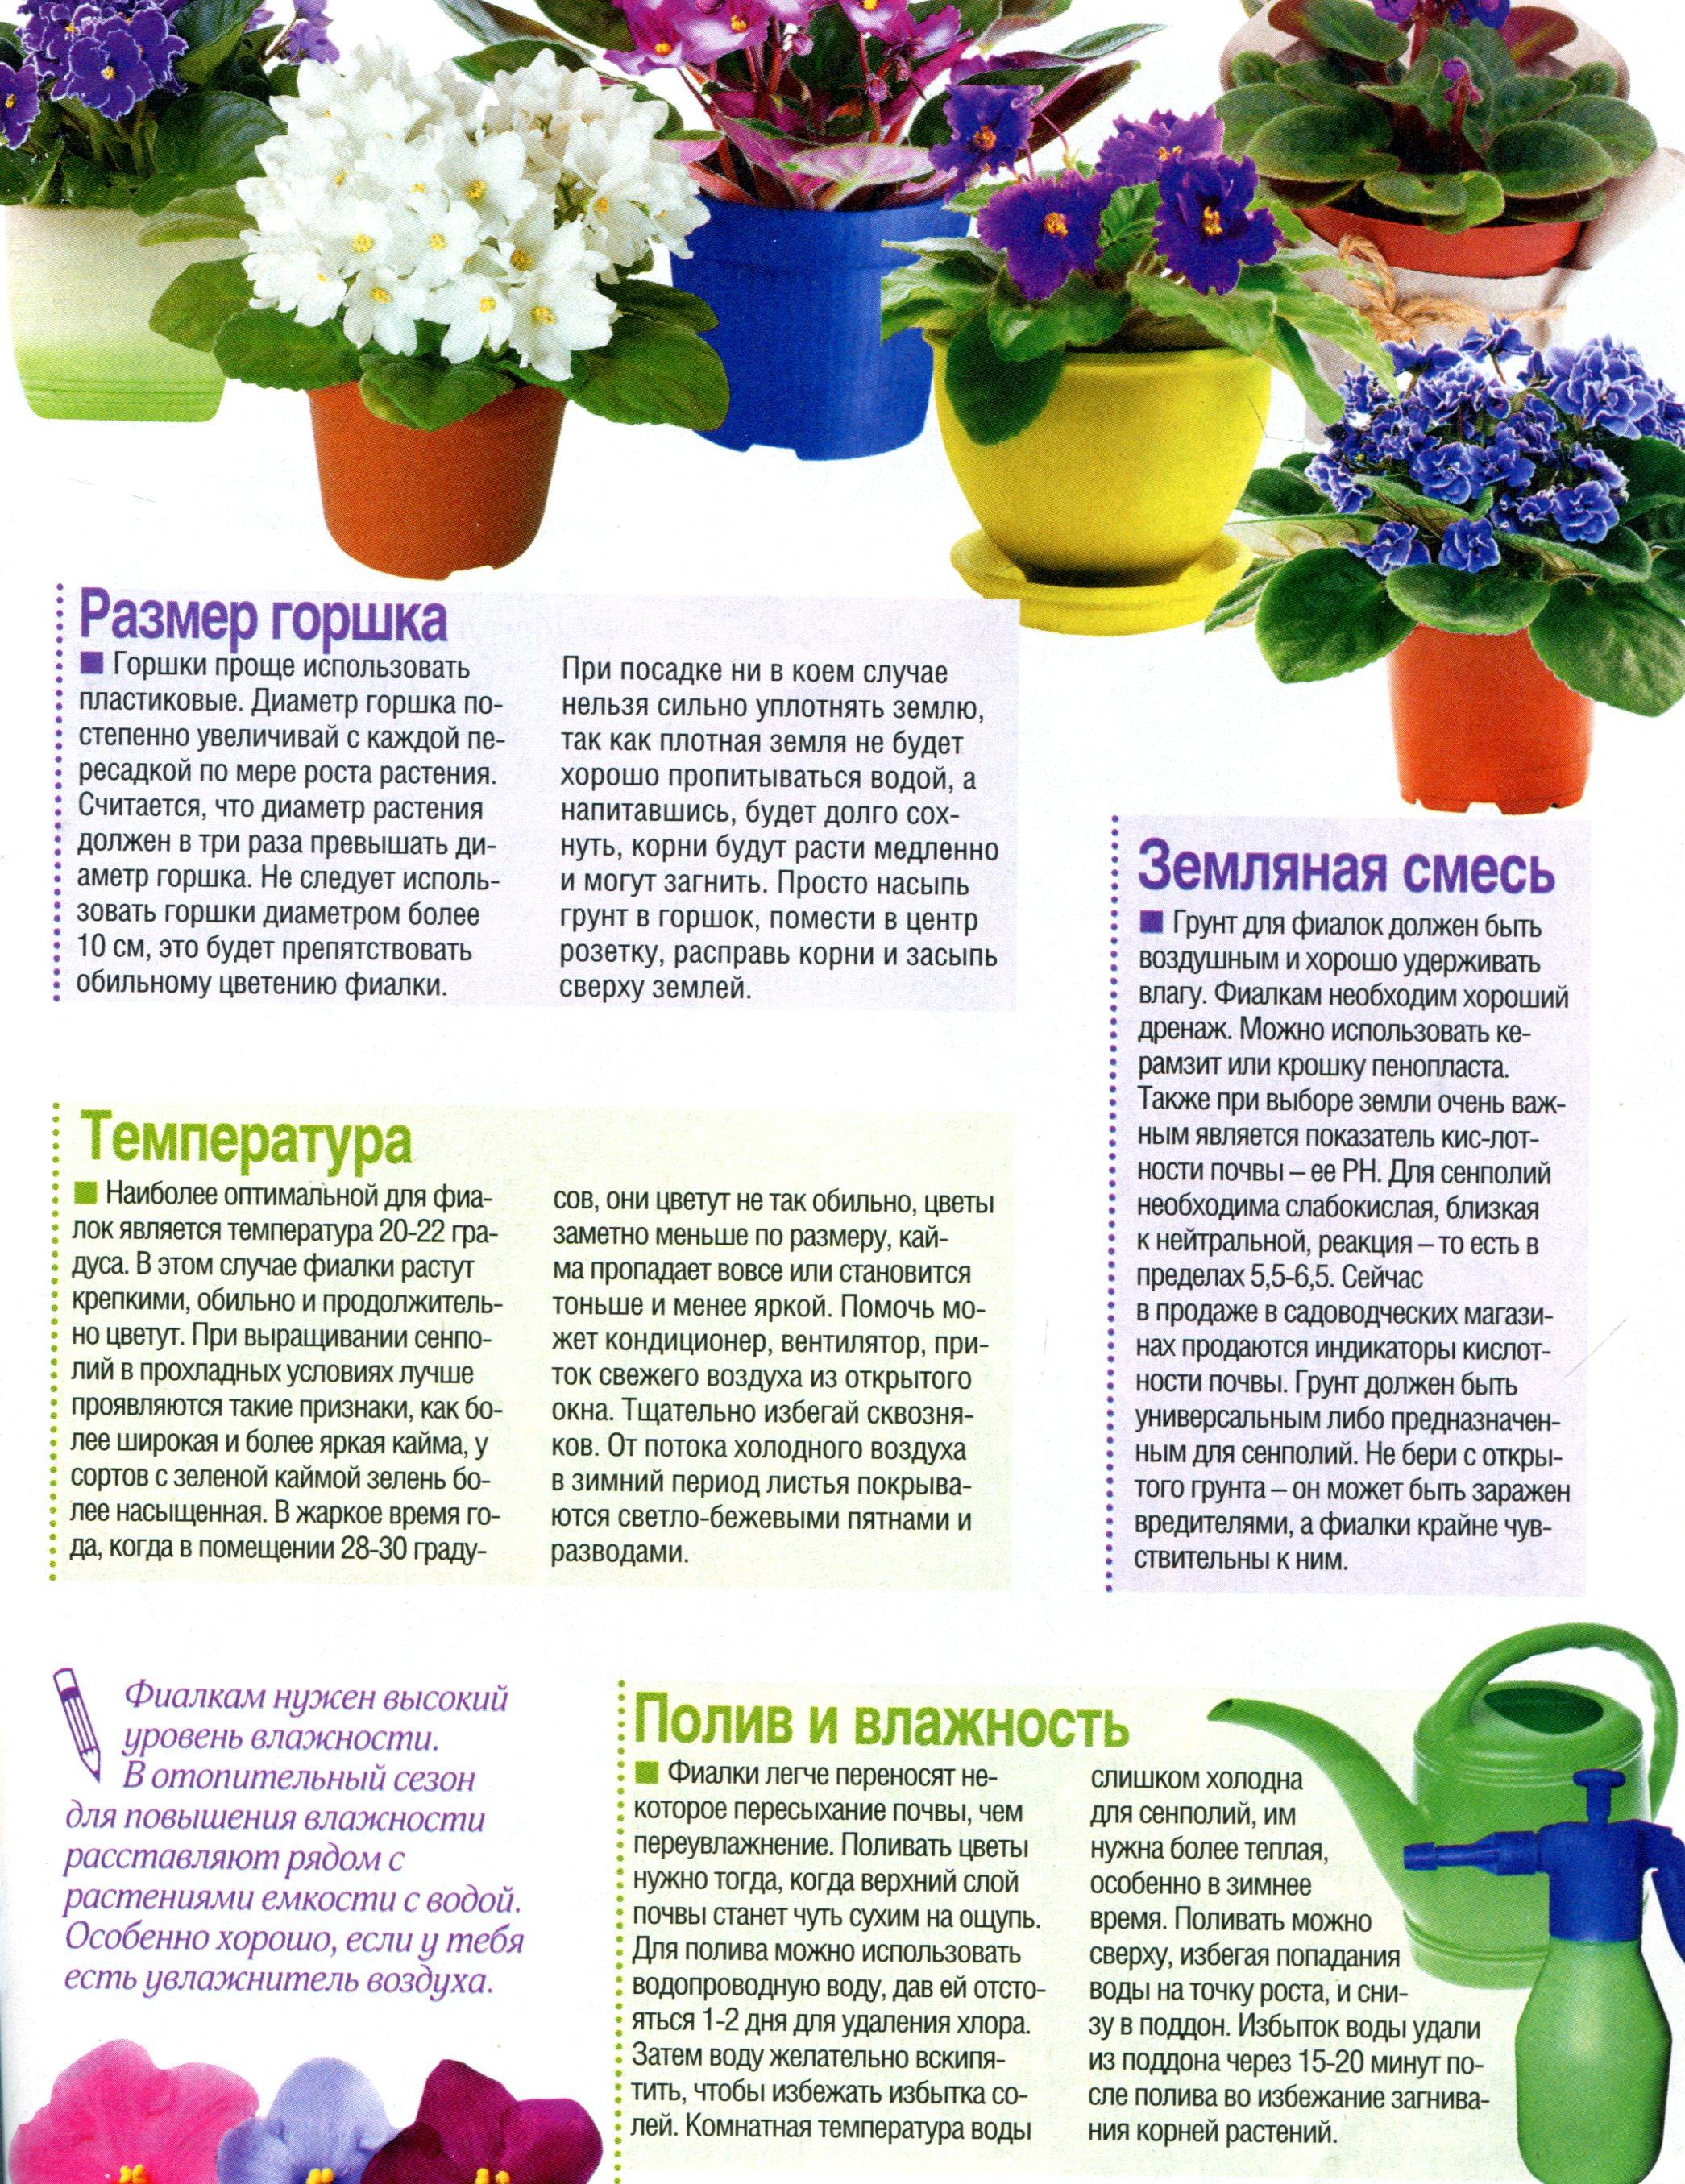 Как поливать фиалки в домашних условиях: различные способы? 81